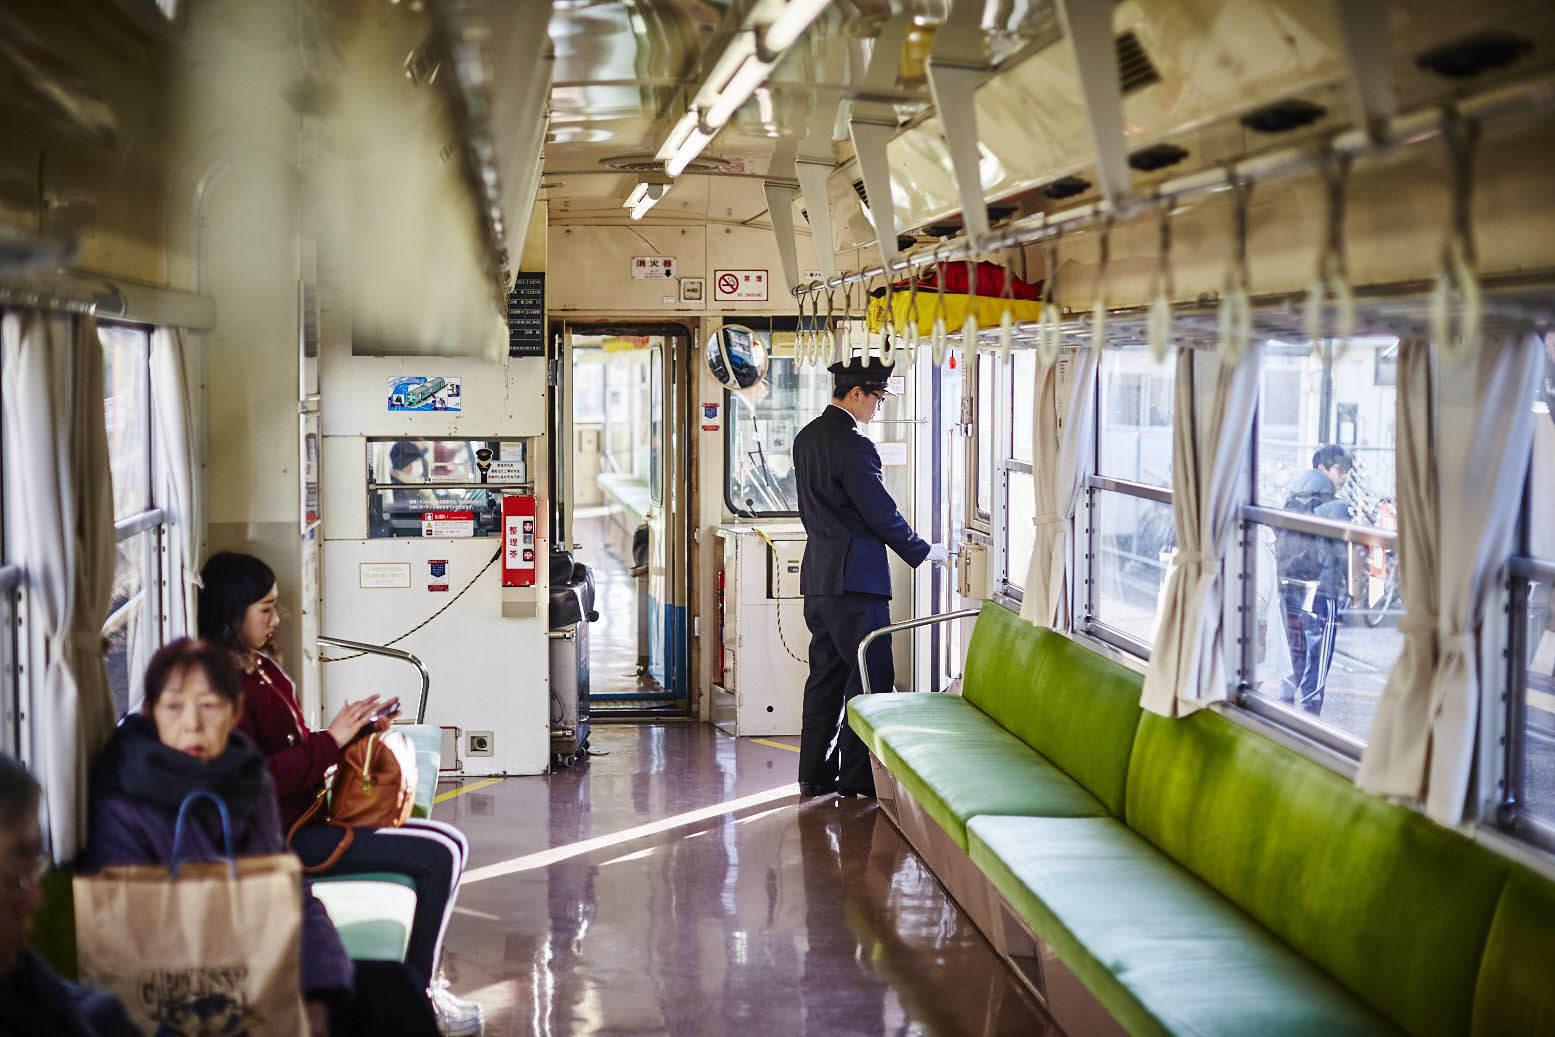 72.汽車にのる6.jpg .jpg